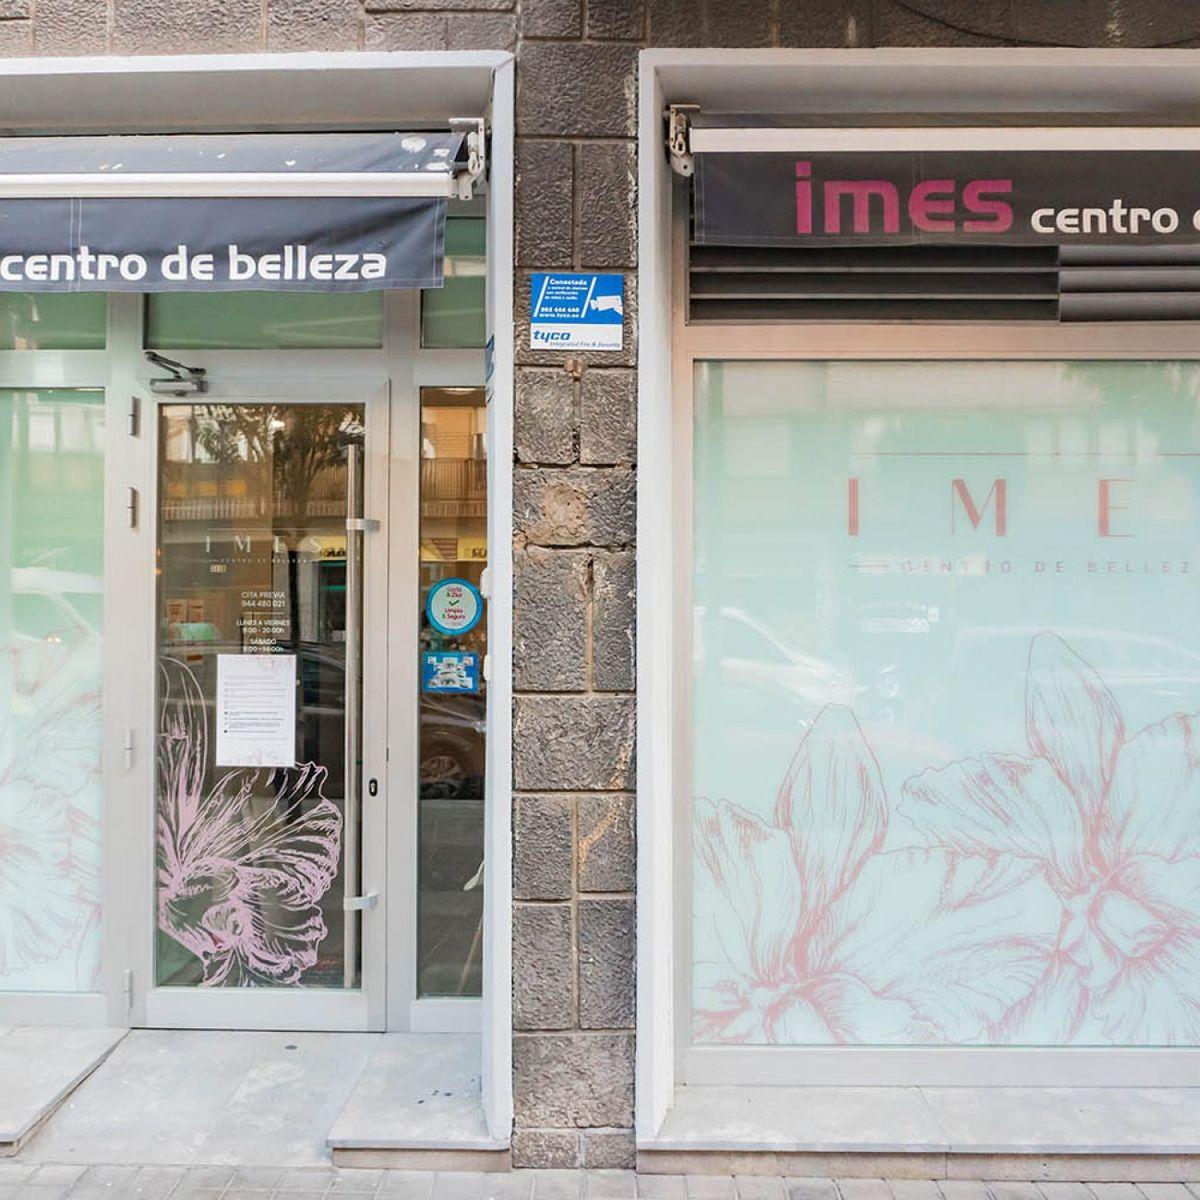 IMES Centro de belleza en Deusto